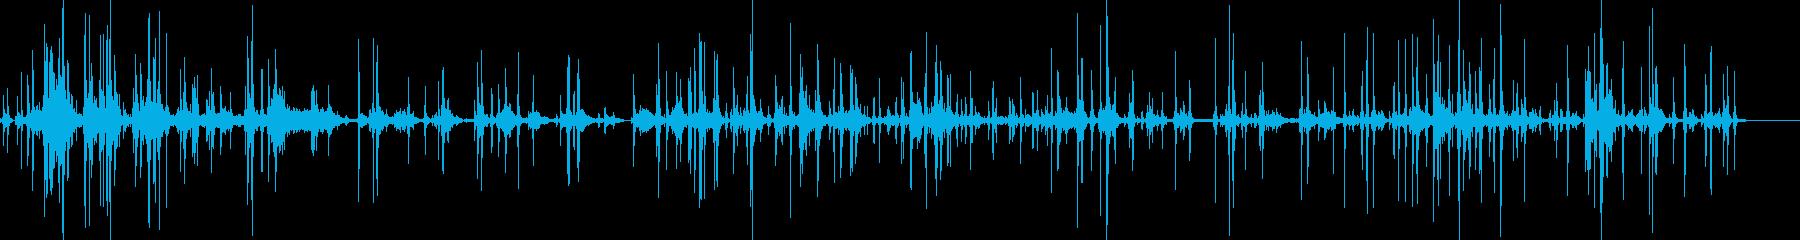 記者会見のシャッター音の再生済みの波形